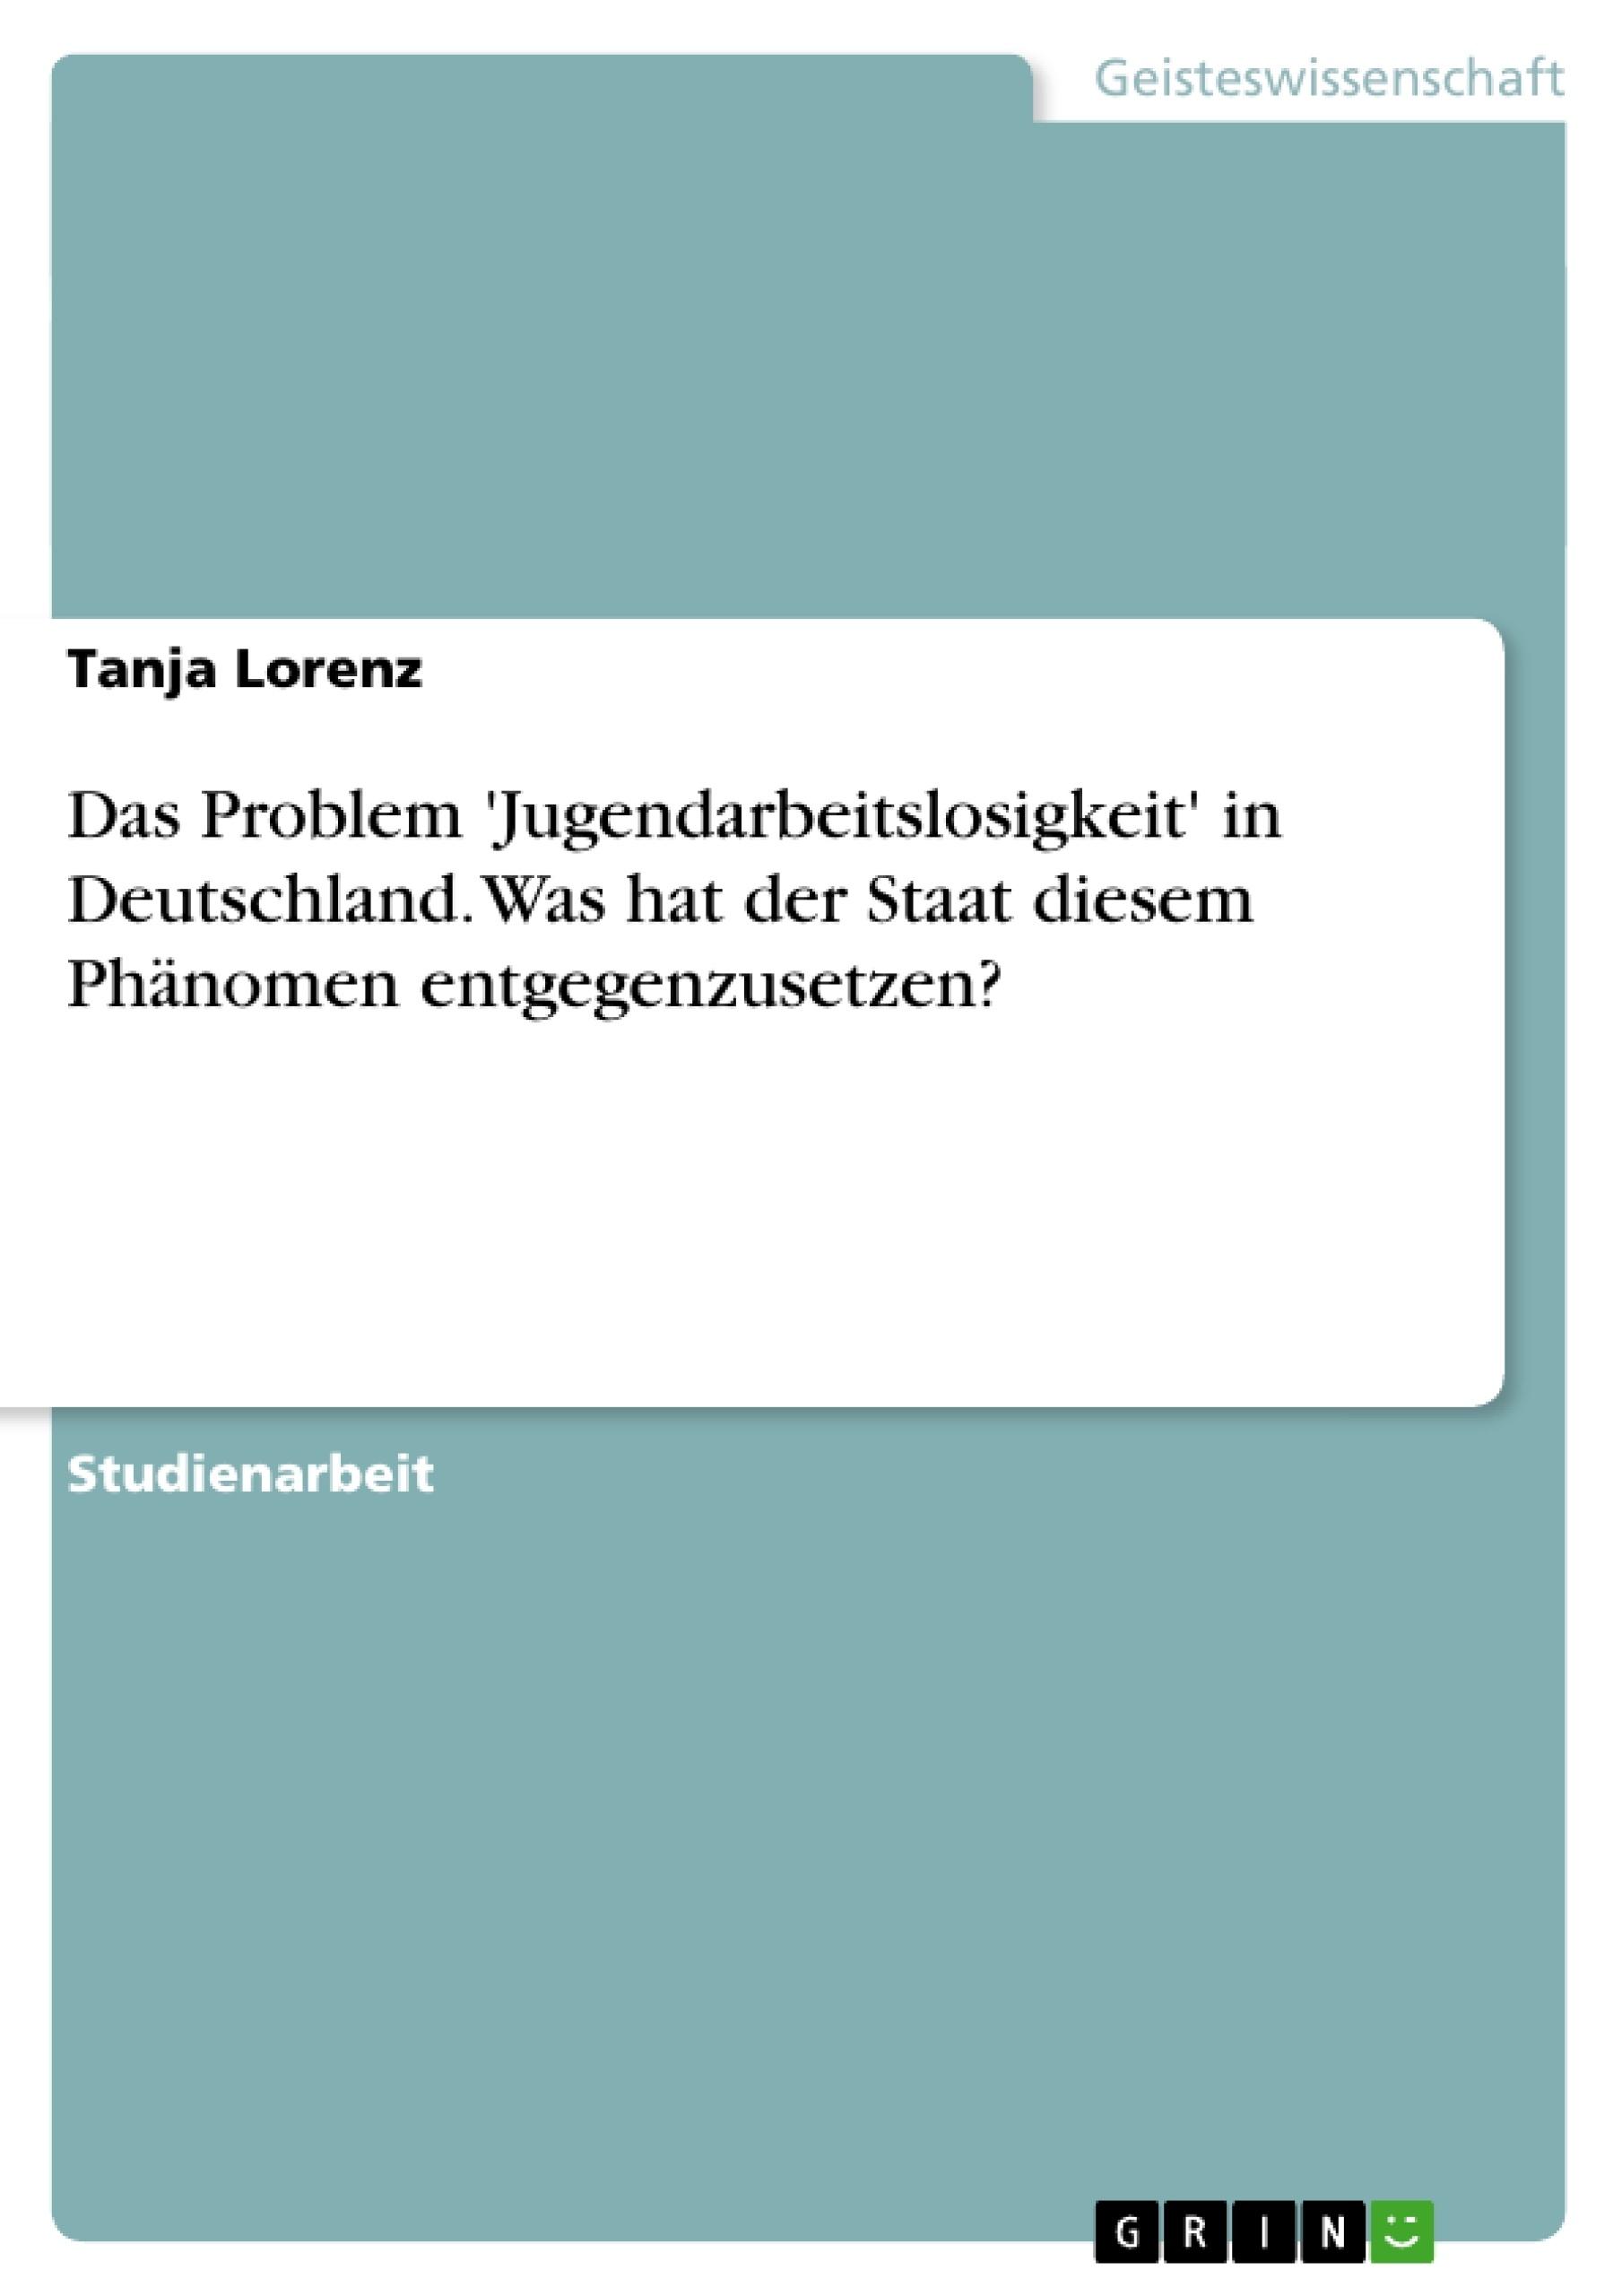 Titel: Das Problem 'Jugendarbeitslosigkeit' in Deutschland. Was hat der Staat diesem Phänomen entgegenzusetzen?